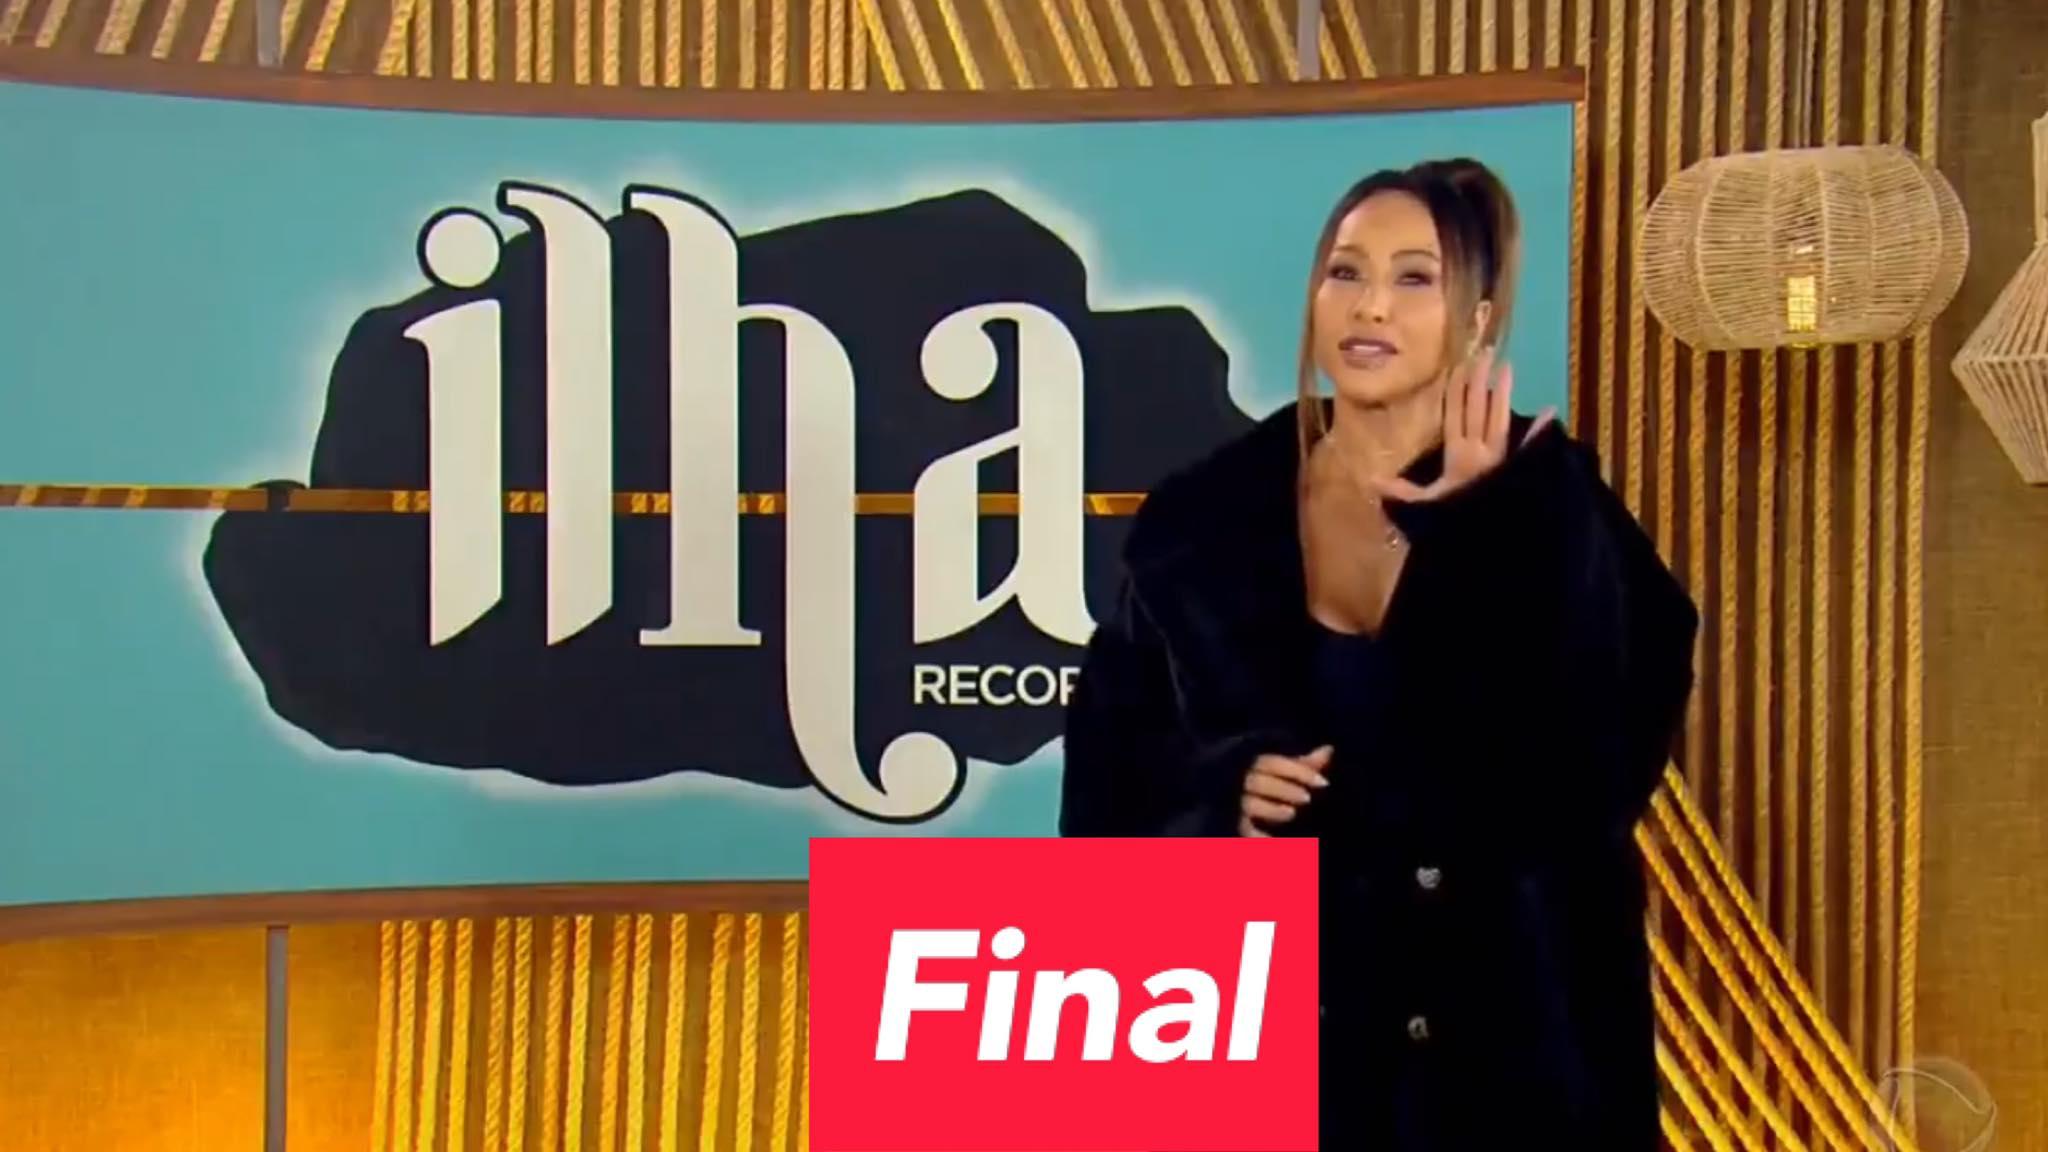 Sabrina Sato detalha como será a final do Ilha Record. Fonte: Reprodução/ Record TV